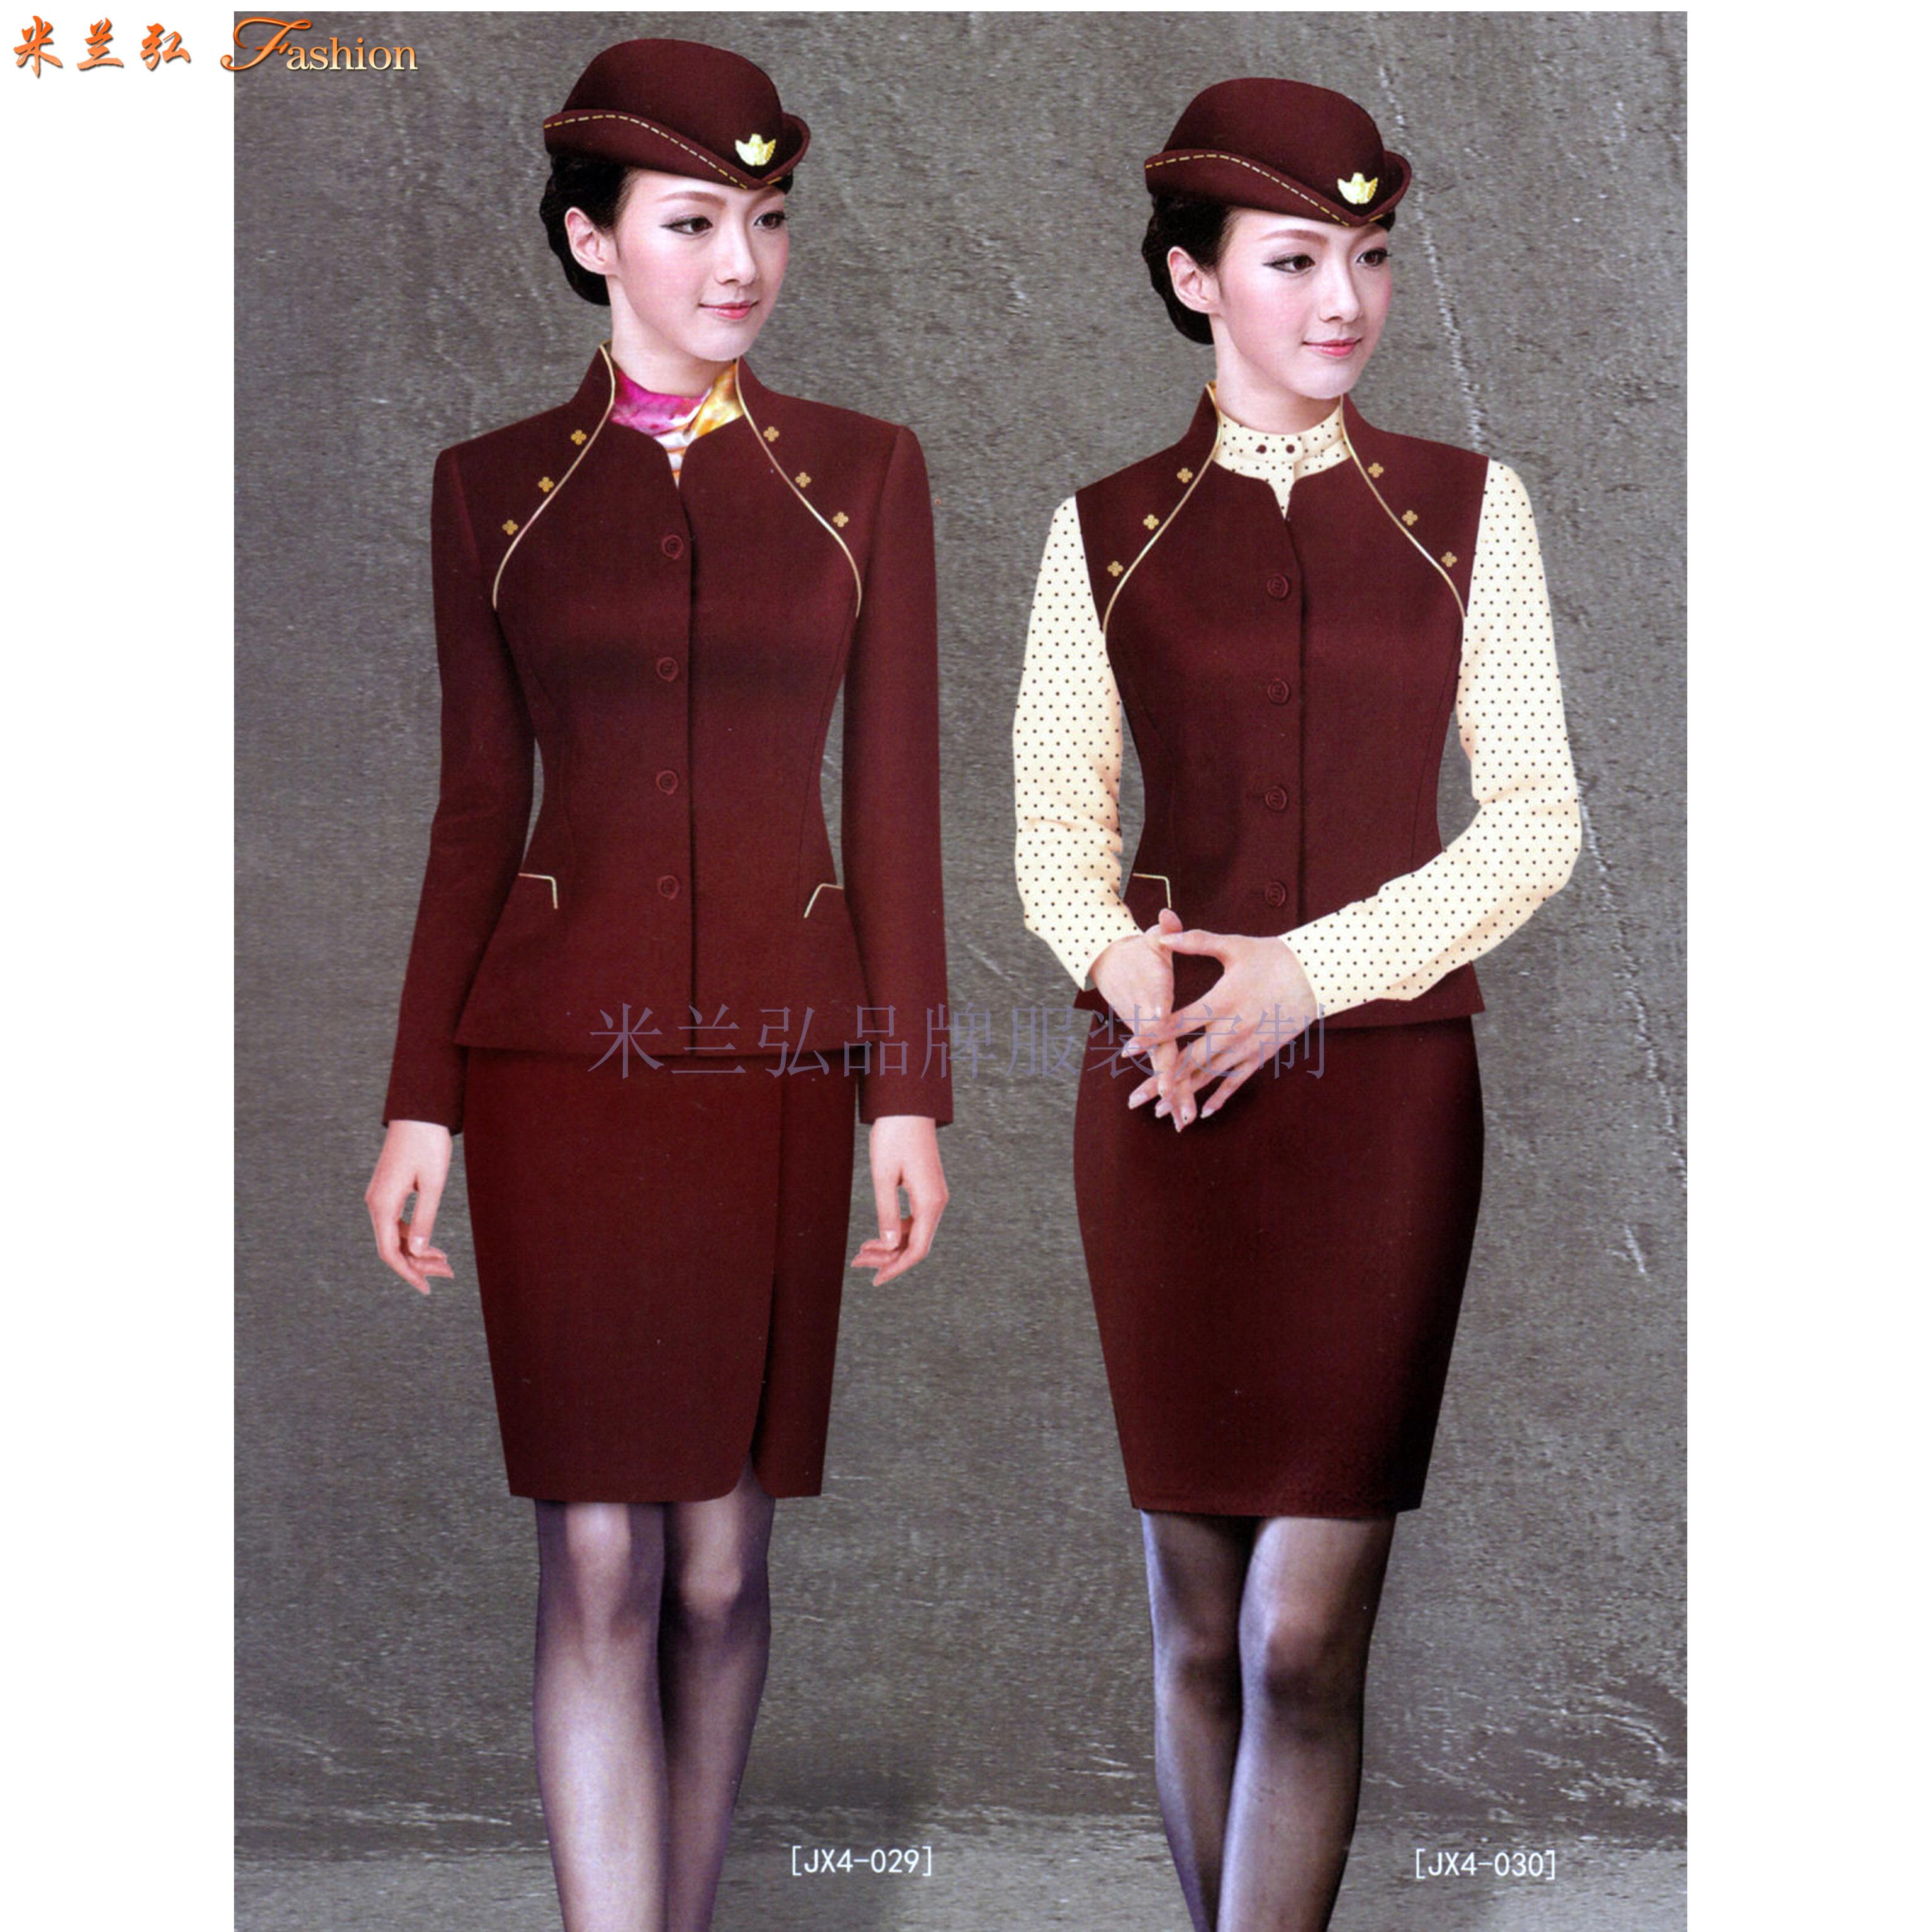 空姐服定制|圖片_價格_參數_面料_尺寸-米蘭弘服裝-3